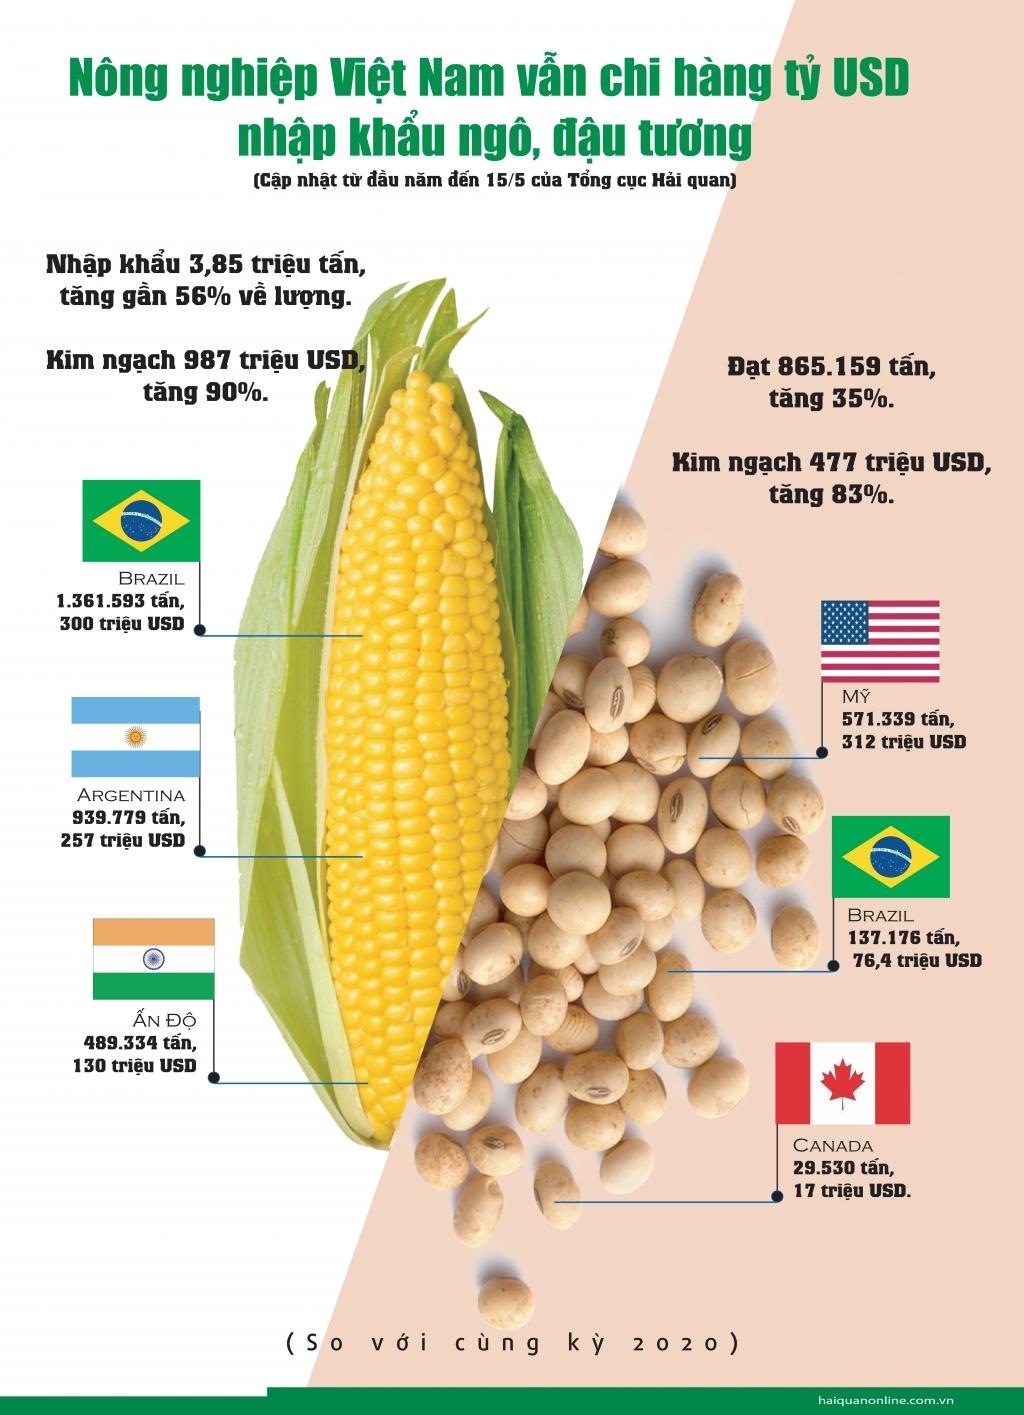 Infographics: Nước nông nghiệp, Việt Nam vẫn chi hàng tỷ USD nhập khẩu ngô, đậu tương